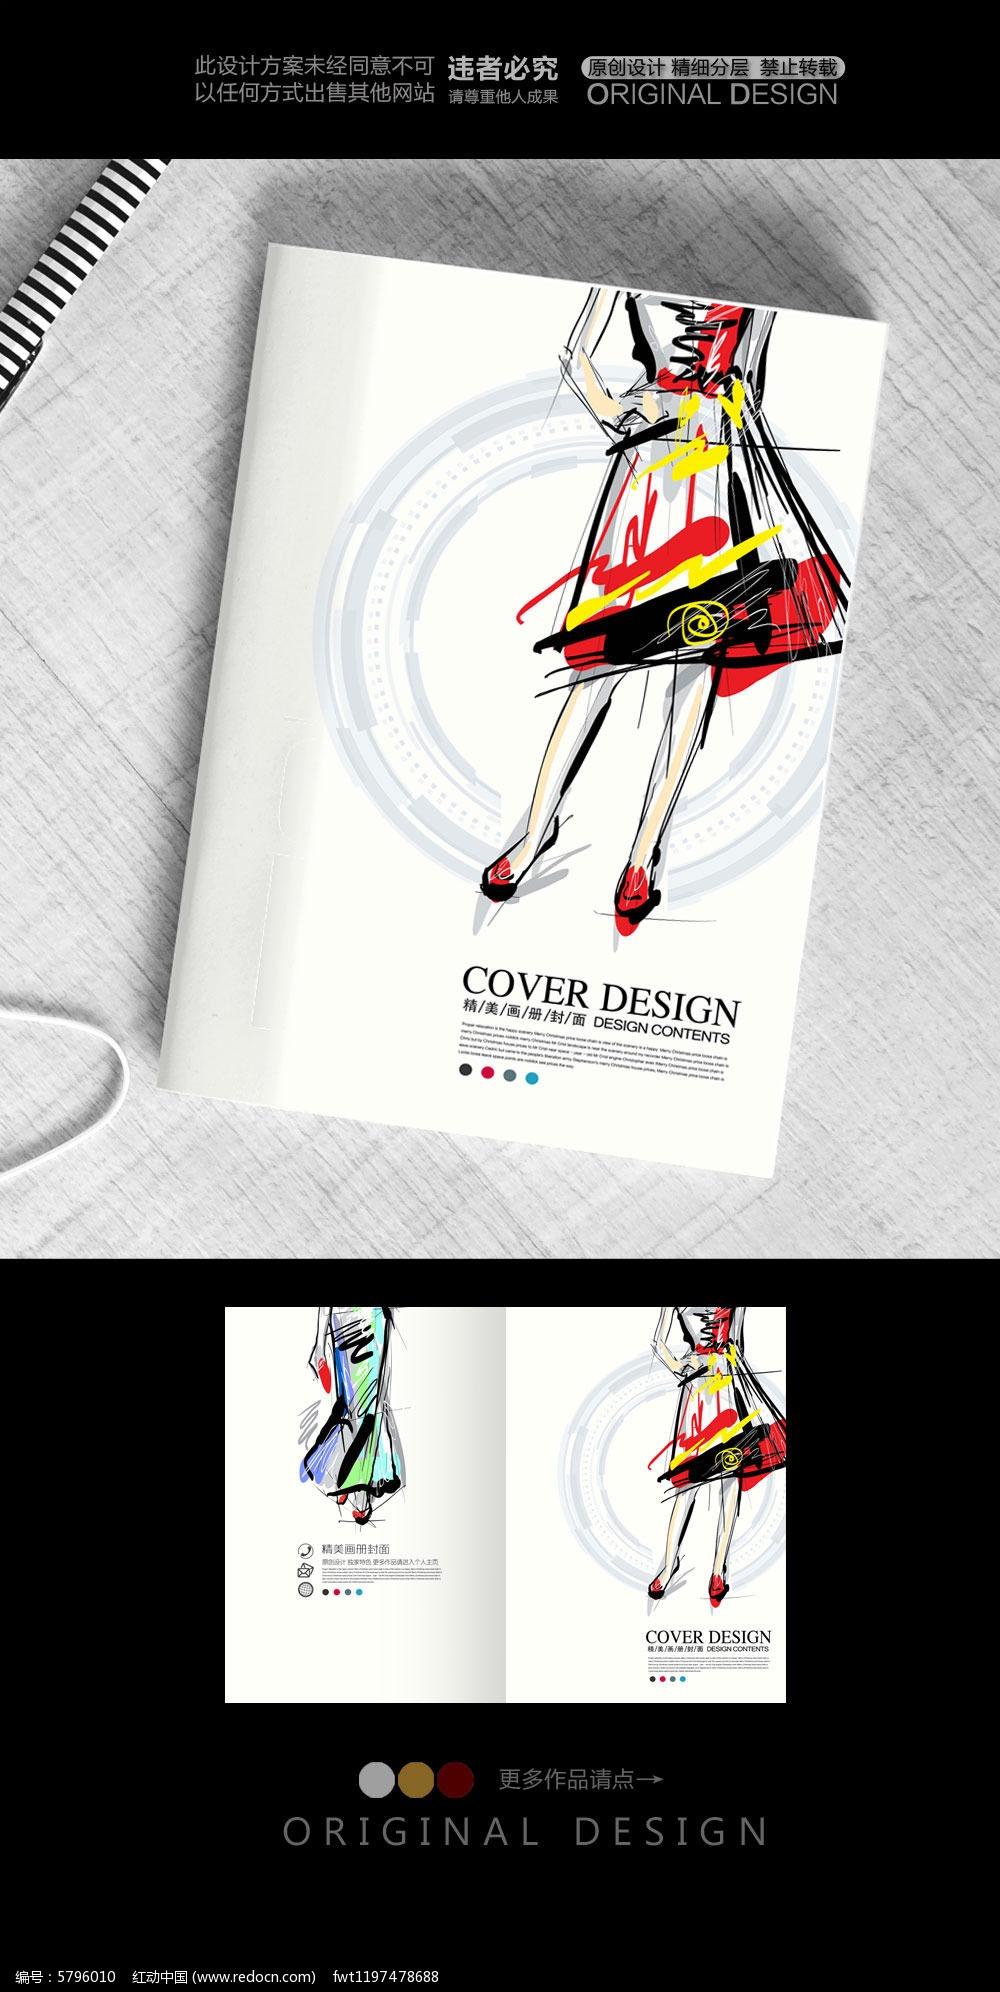 手绘时装创意封面设计